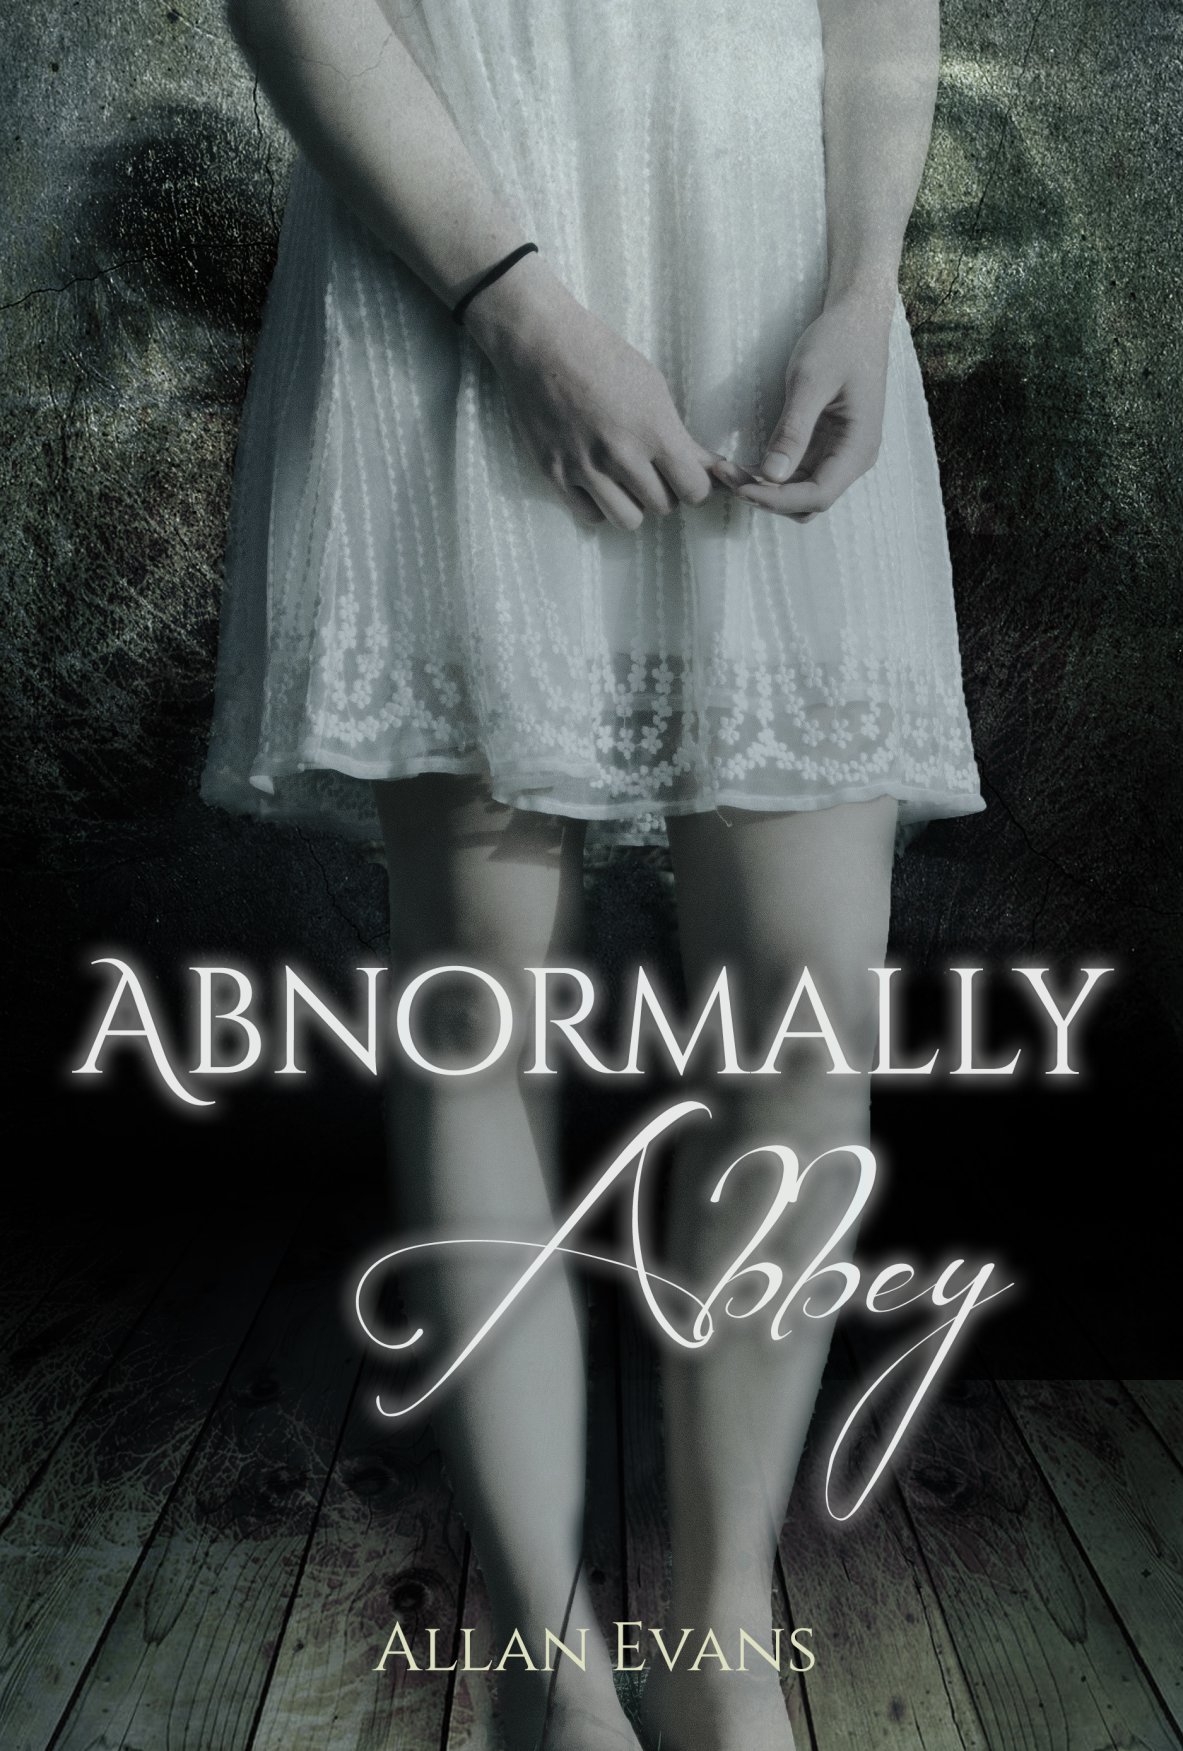 AbnormallyAbbey.png